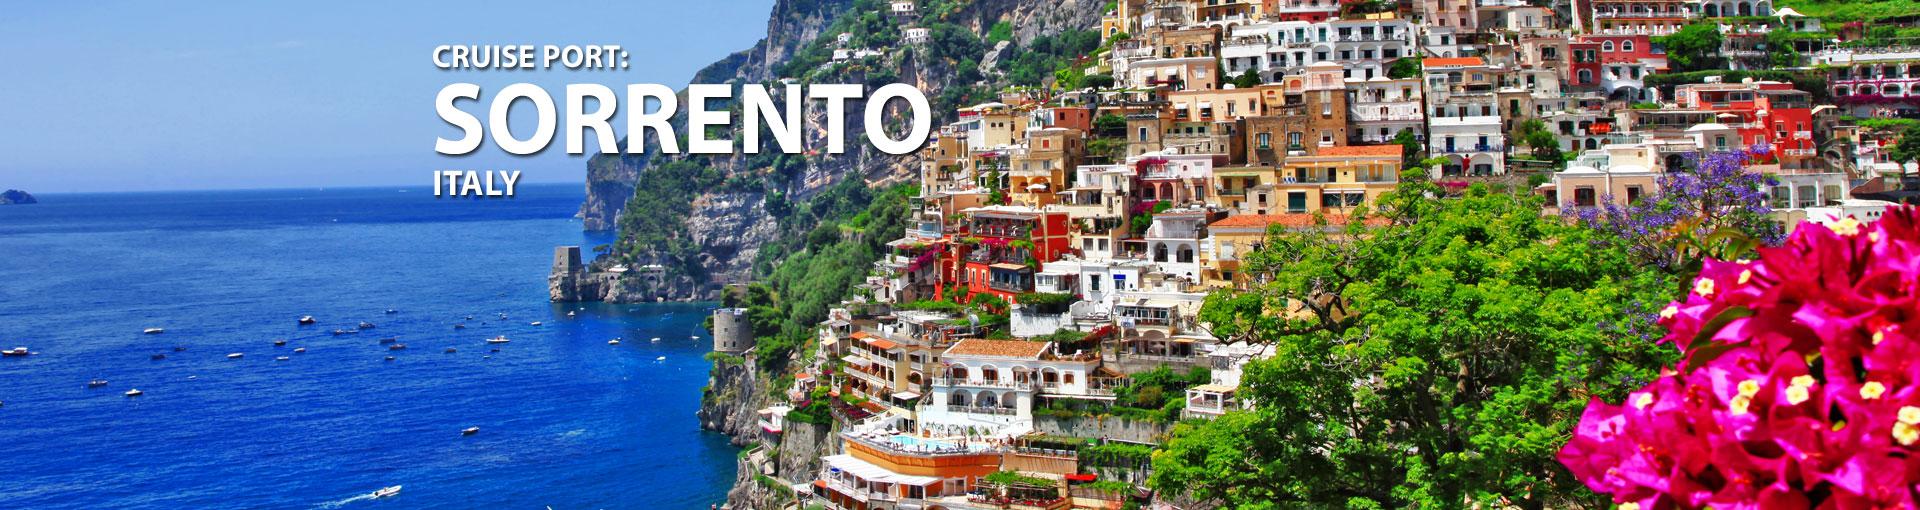 Cruises to Sorrento, Italy